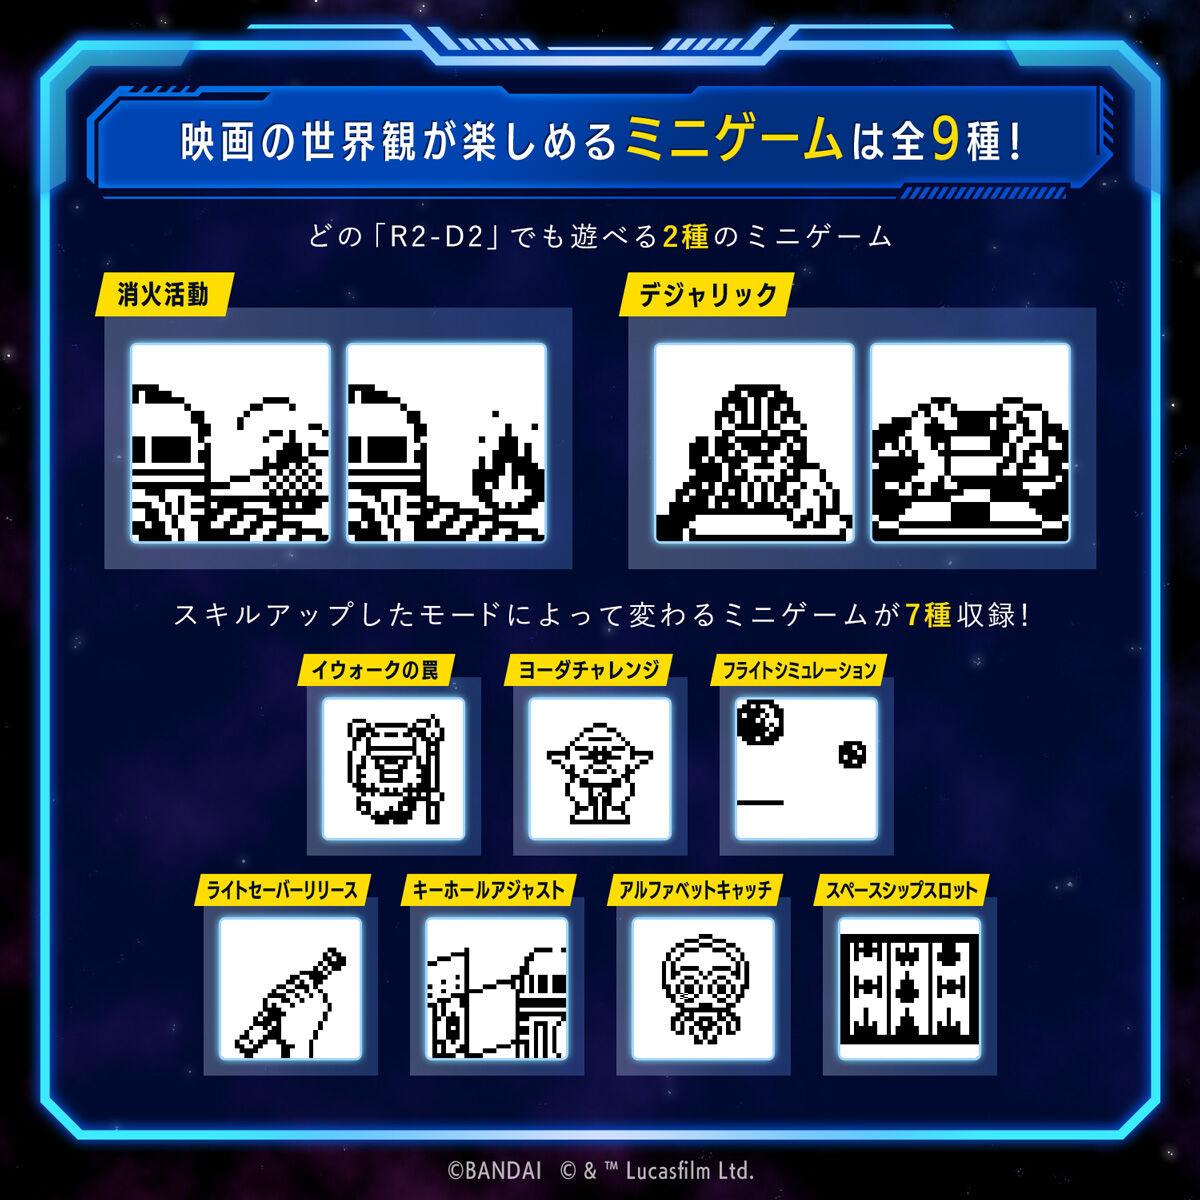 スターウォーズ『R2-D2 TAMAGOTCHI Classic color ver.』たまごっちnano-011